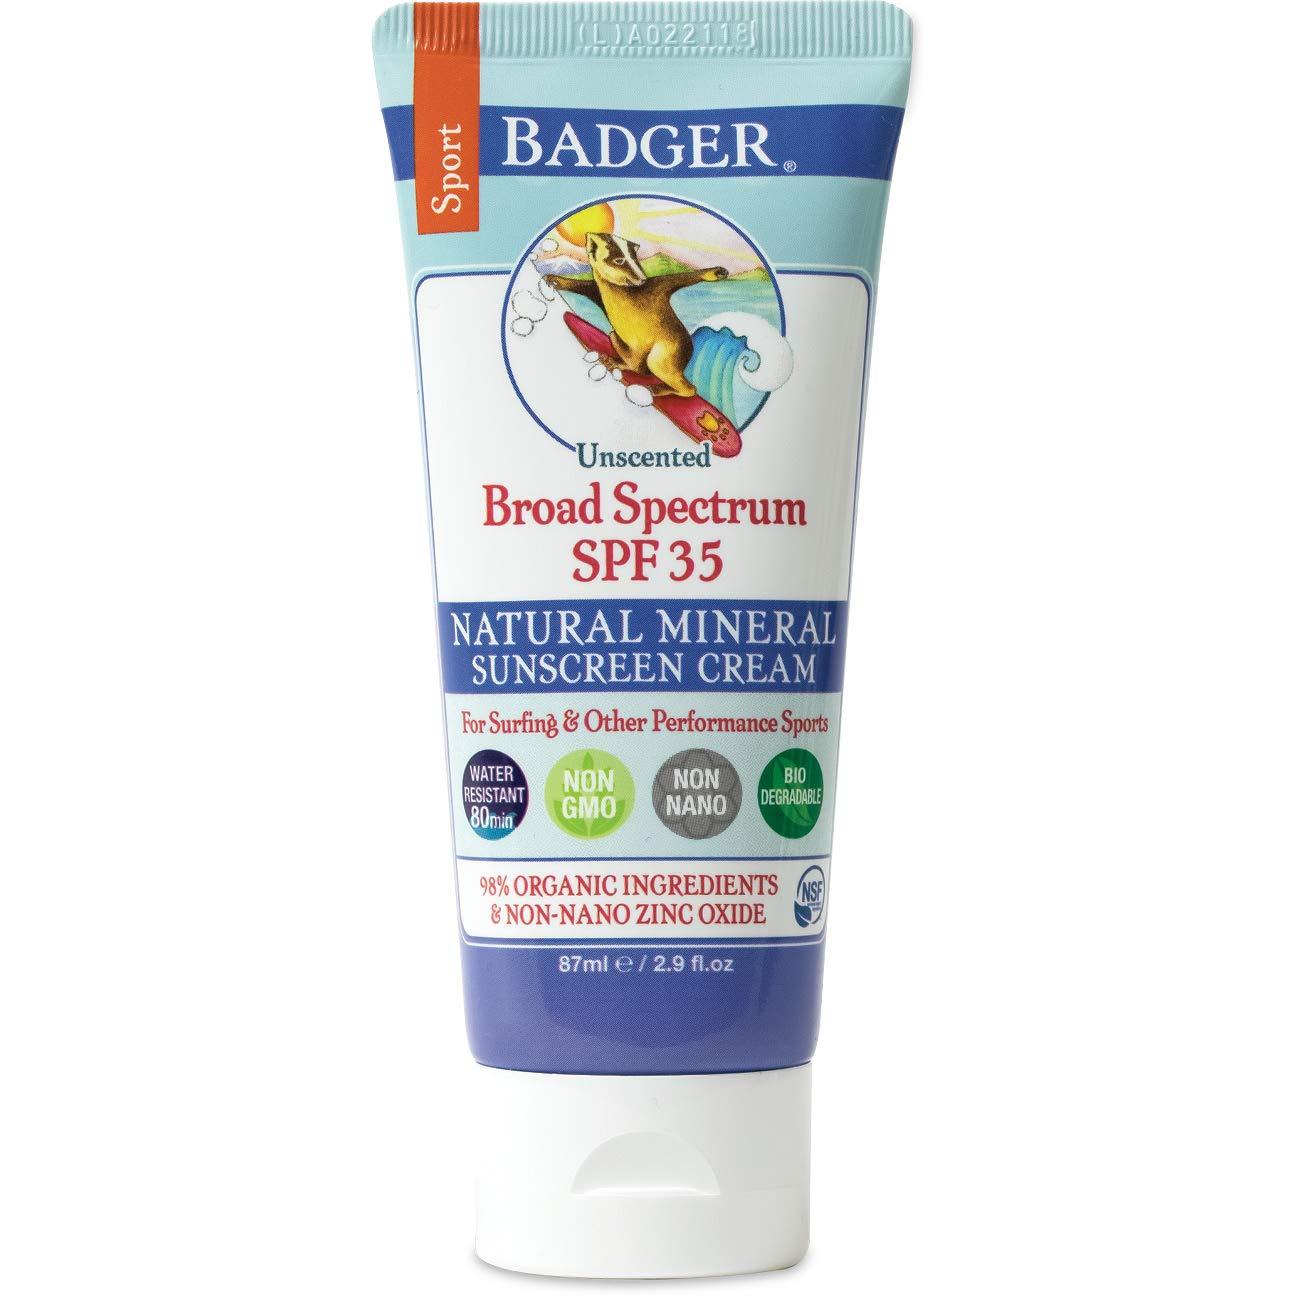 reef-safe-vegan-sunscreen